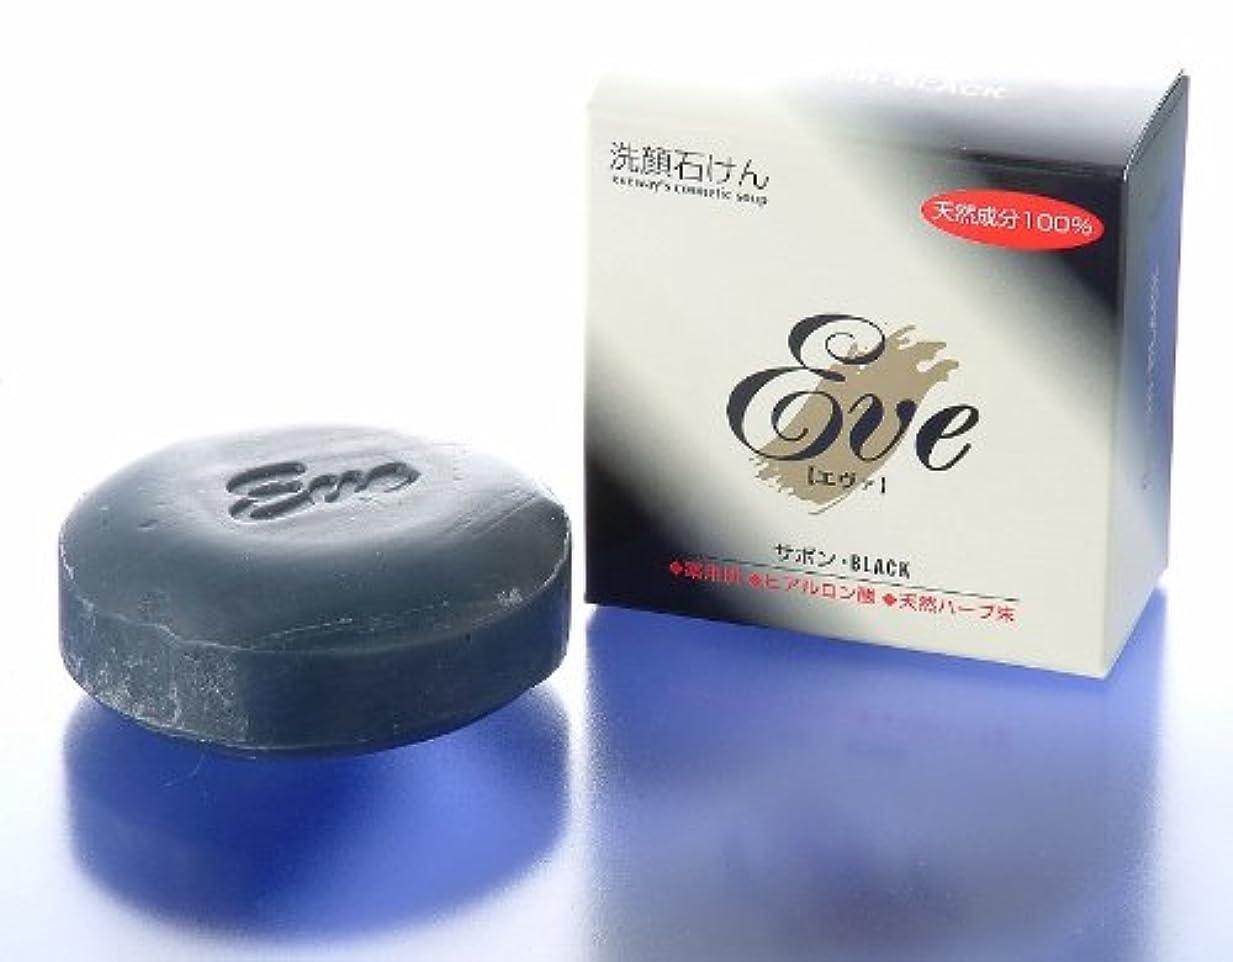 ラバテロ妥協洗顔 化粧石鹸 サボンブラック クレンジングの要らない石鹸です。